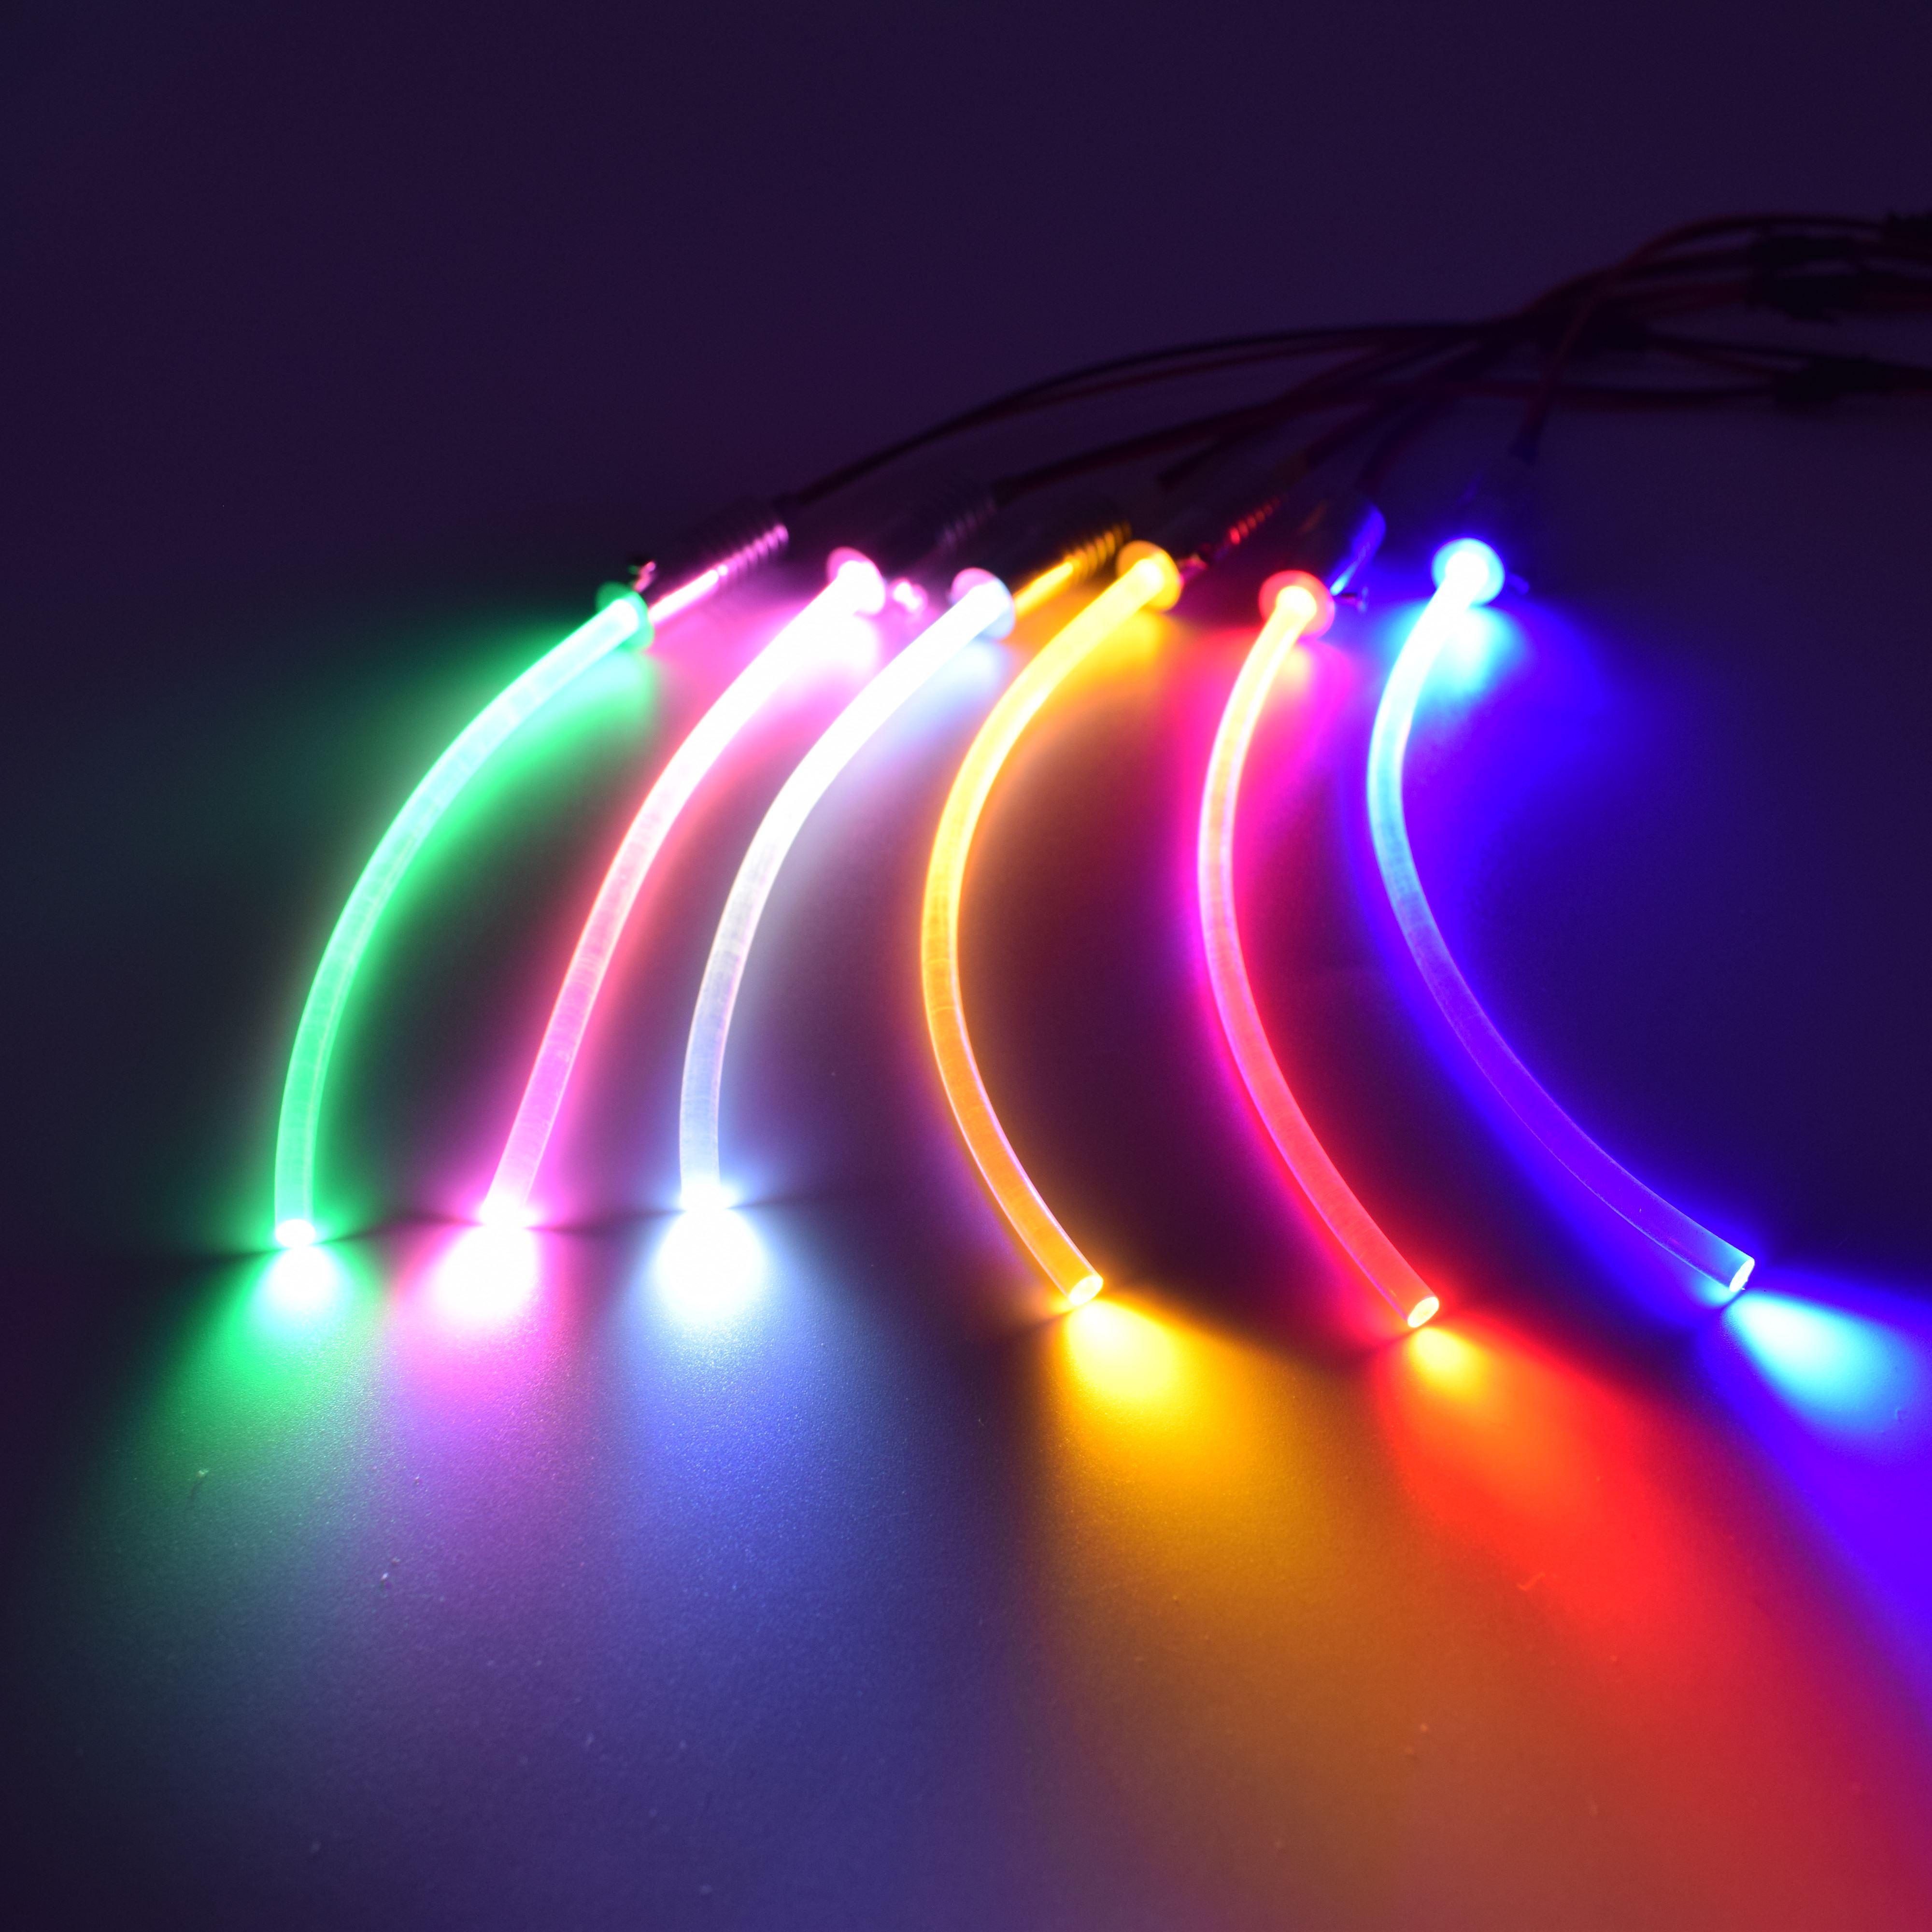 1 х Высокое качество DC12V вход 2 Вт маленький размер волоконно-оптический осветитель для автомобиля с бесплатной доставкой